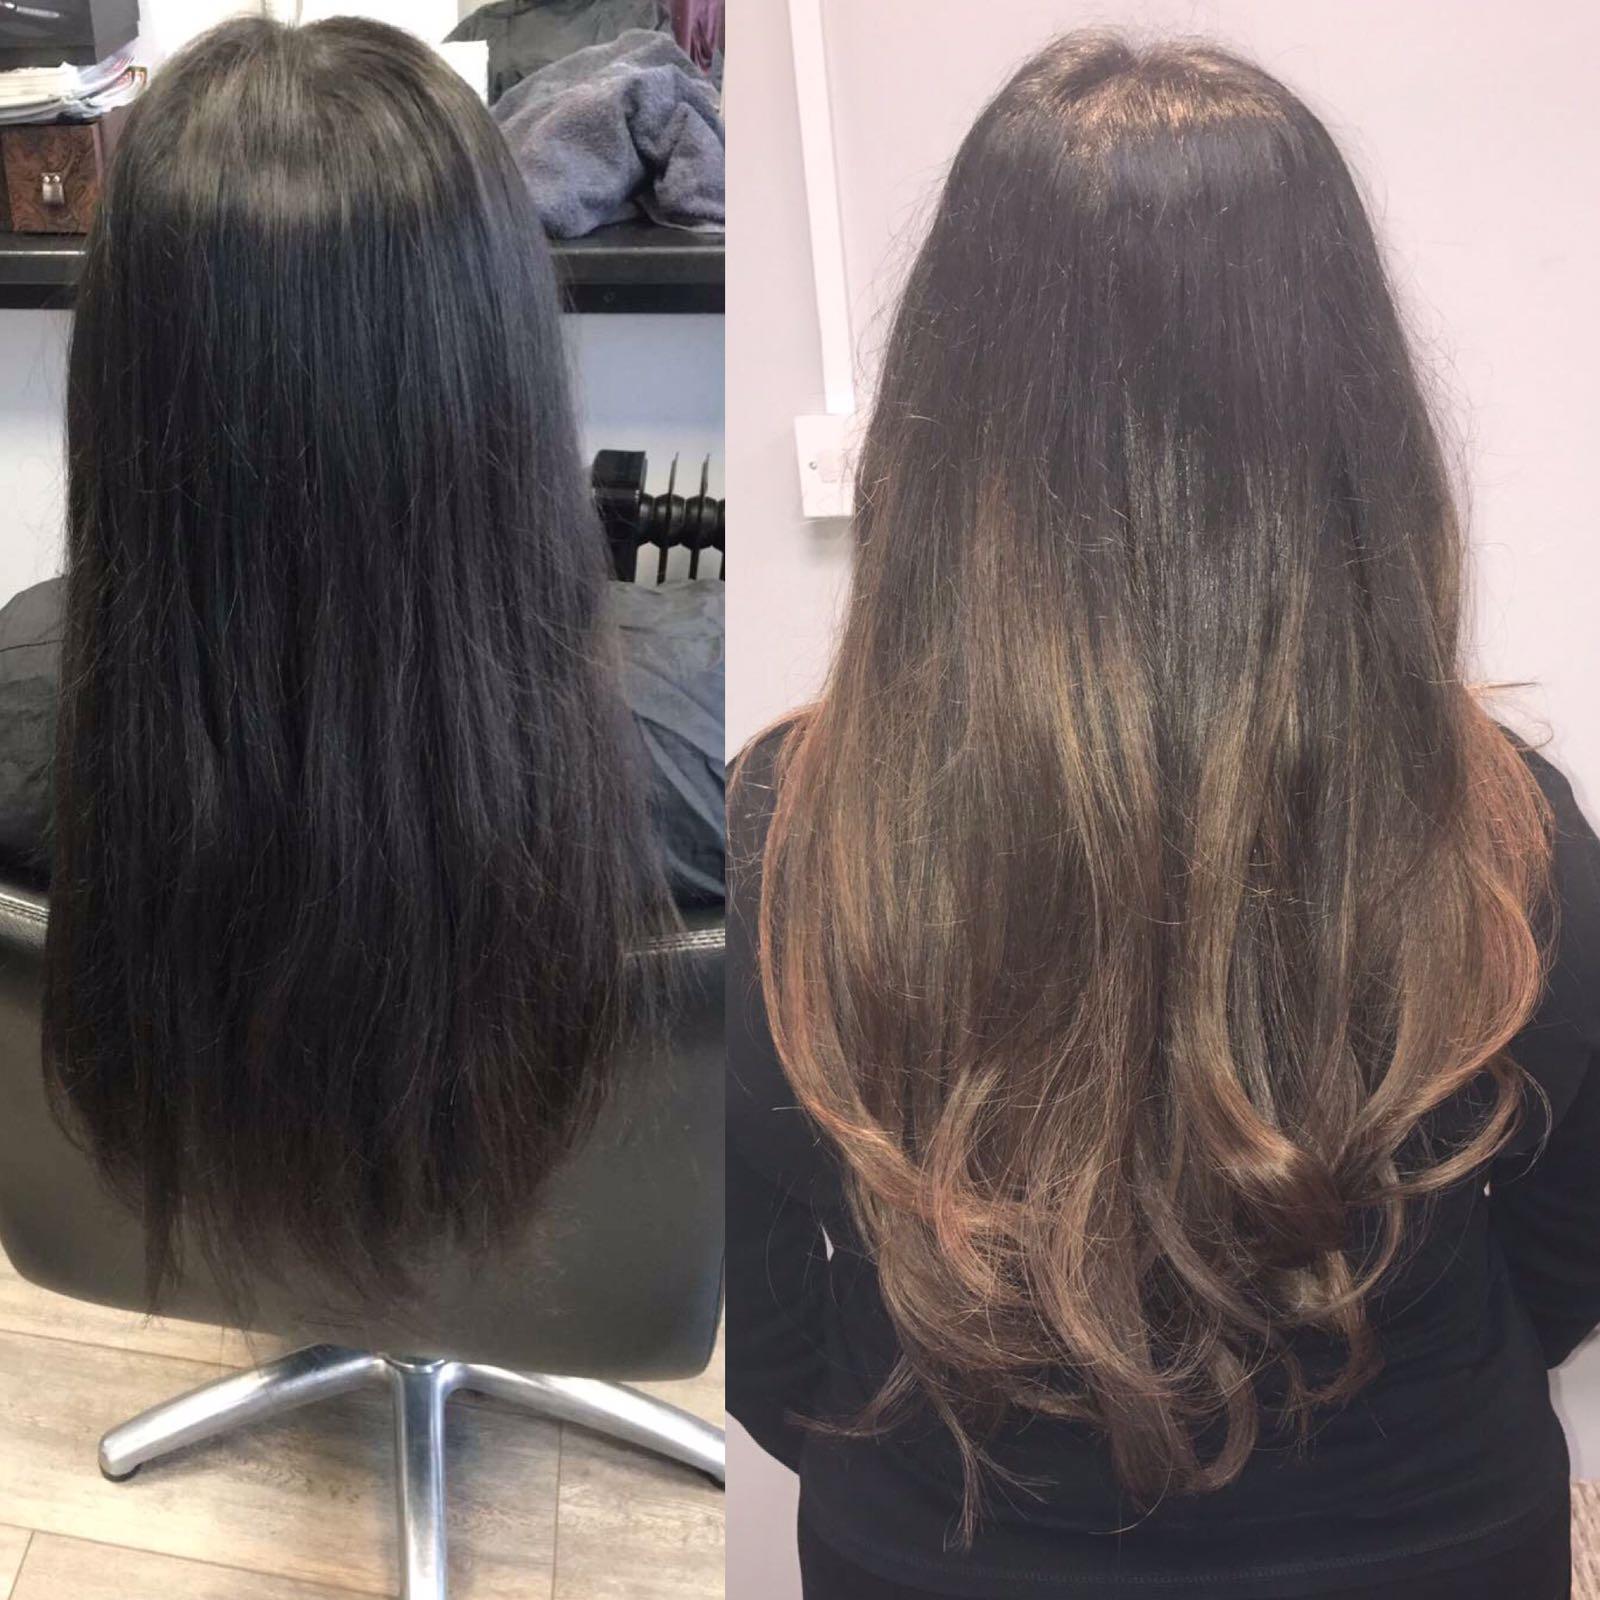 Hair Transformation